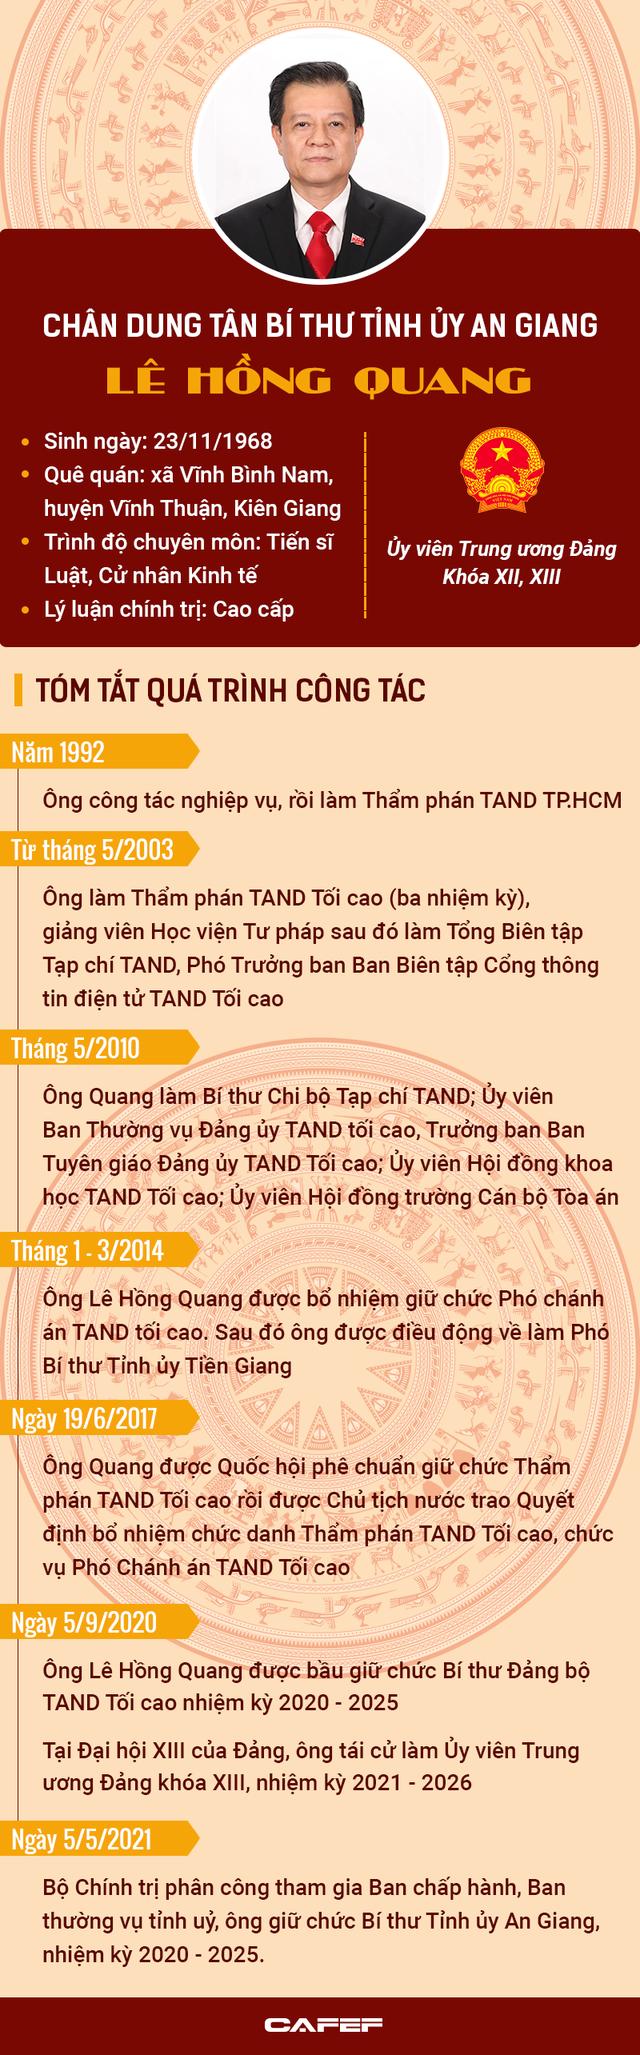 Chân dung tân Bí thư Tỉnh ủy An Giang Lê Hồng Quang - Ảnh 1.